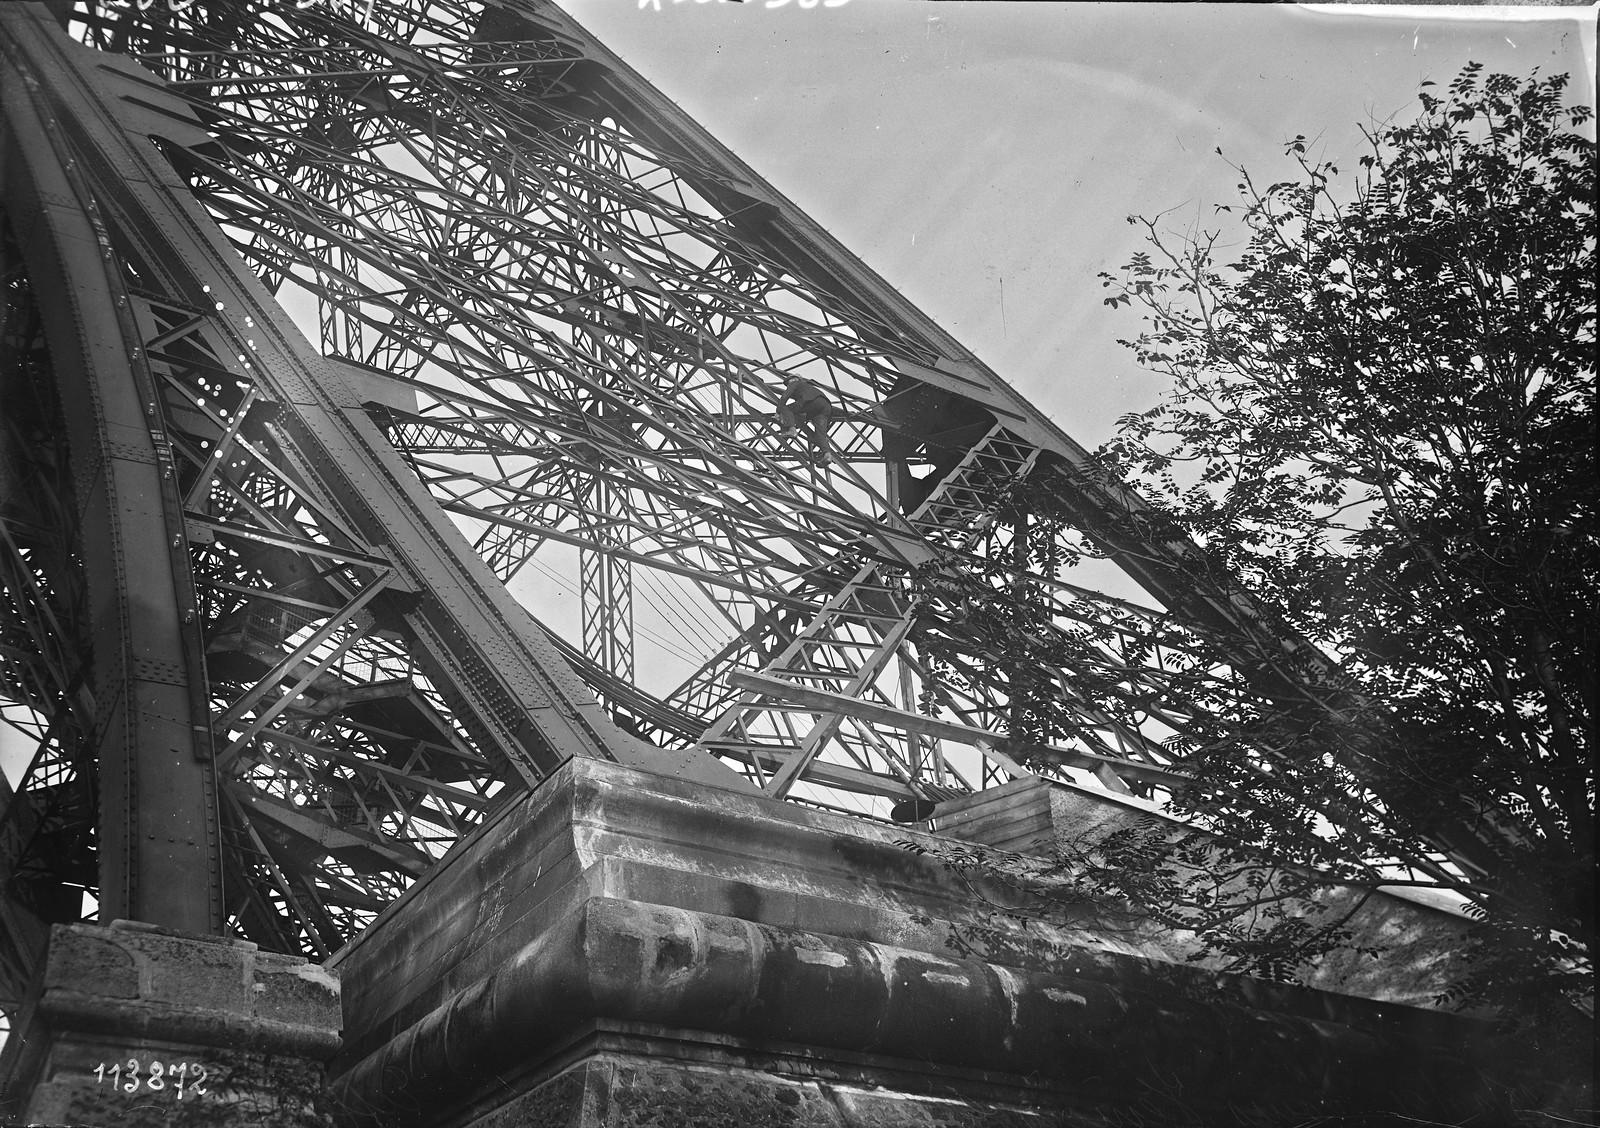 14. 1926. Луи Венисио поднимается на Эйфелеву башню